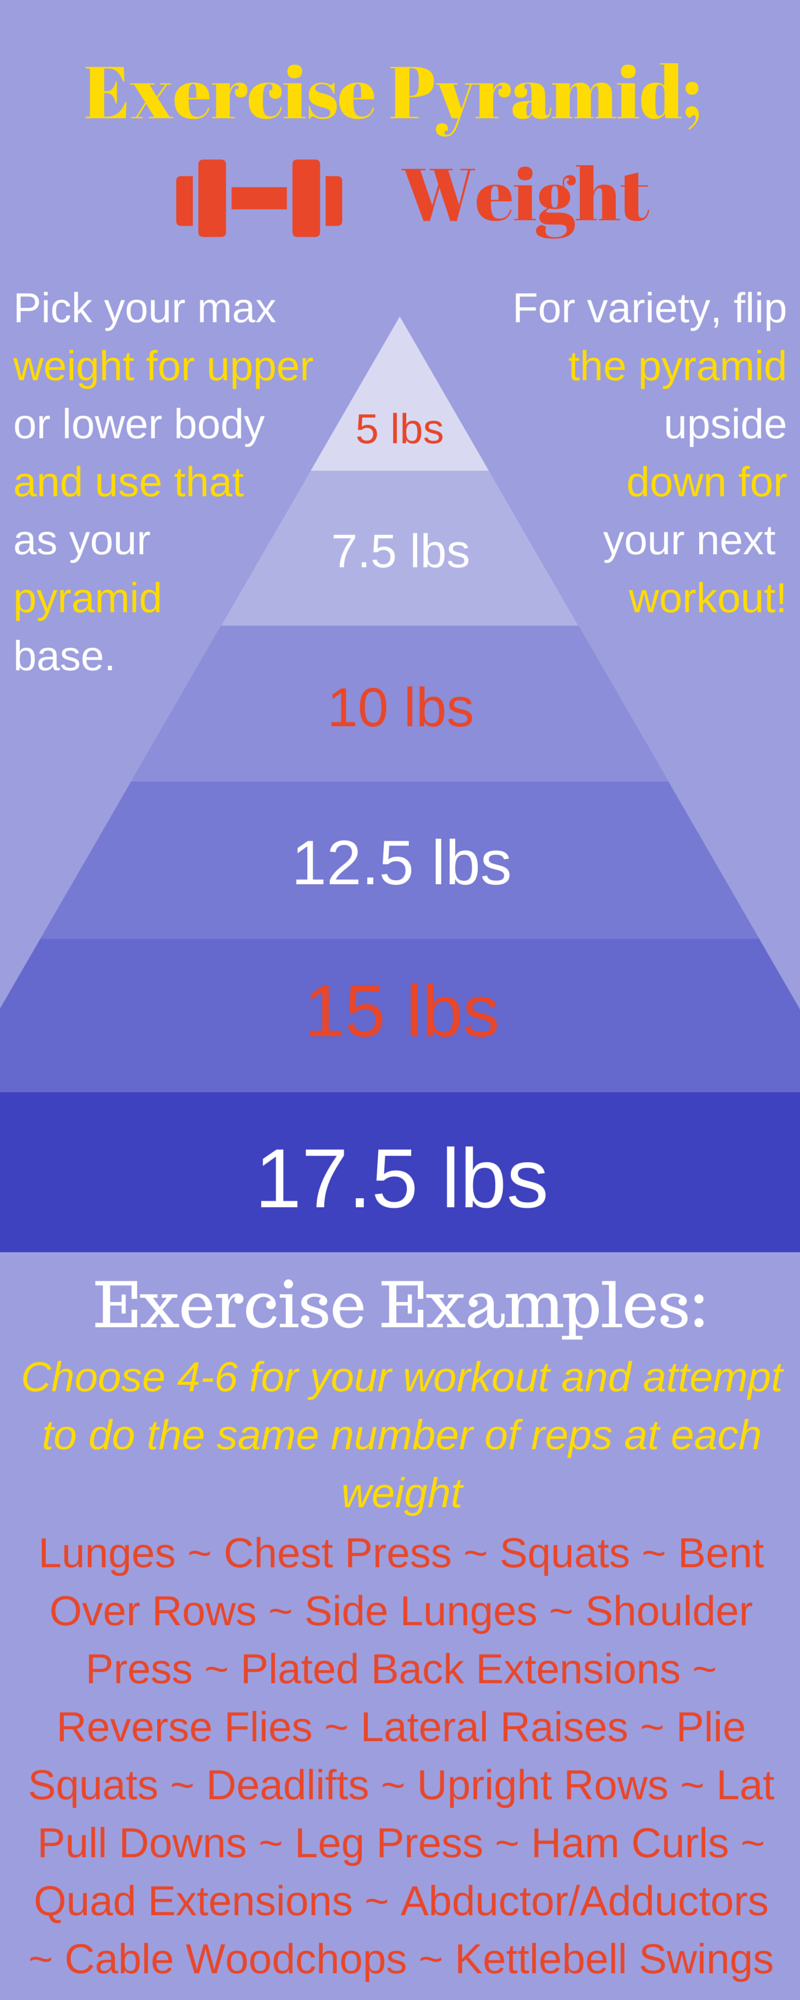 Pyramid 3